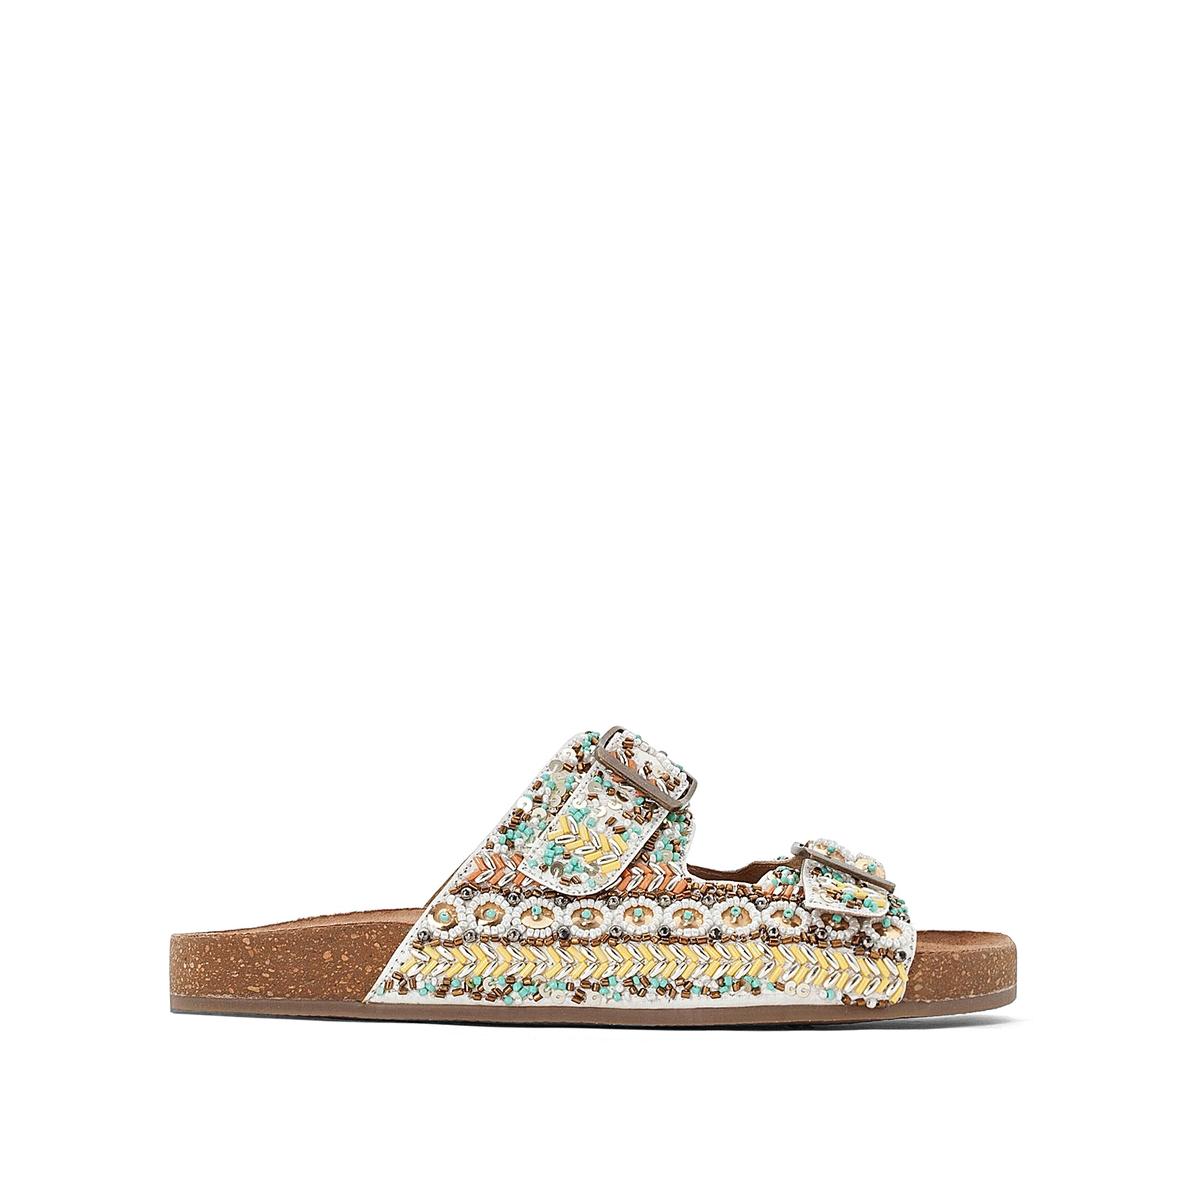 Туфли La Redoute Без задника с искусственным жемчугом 36 белый туфли без задника кожаные с блестящими деталями